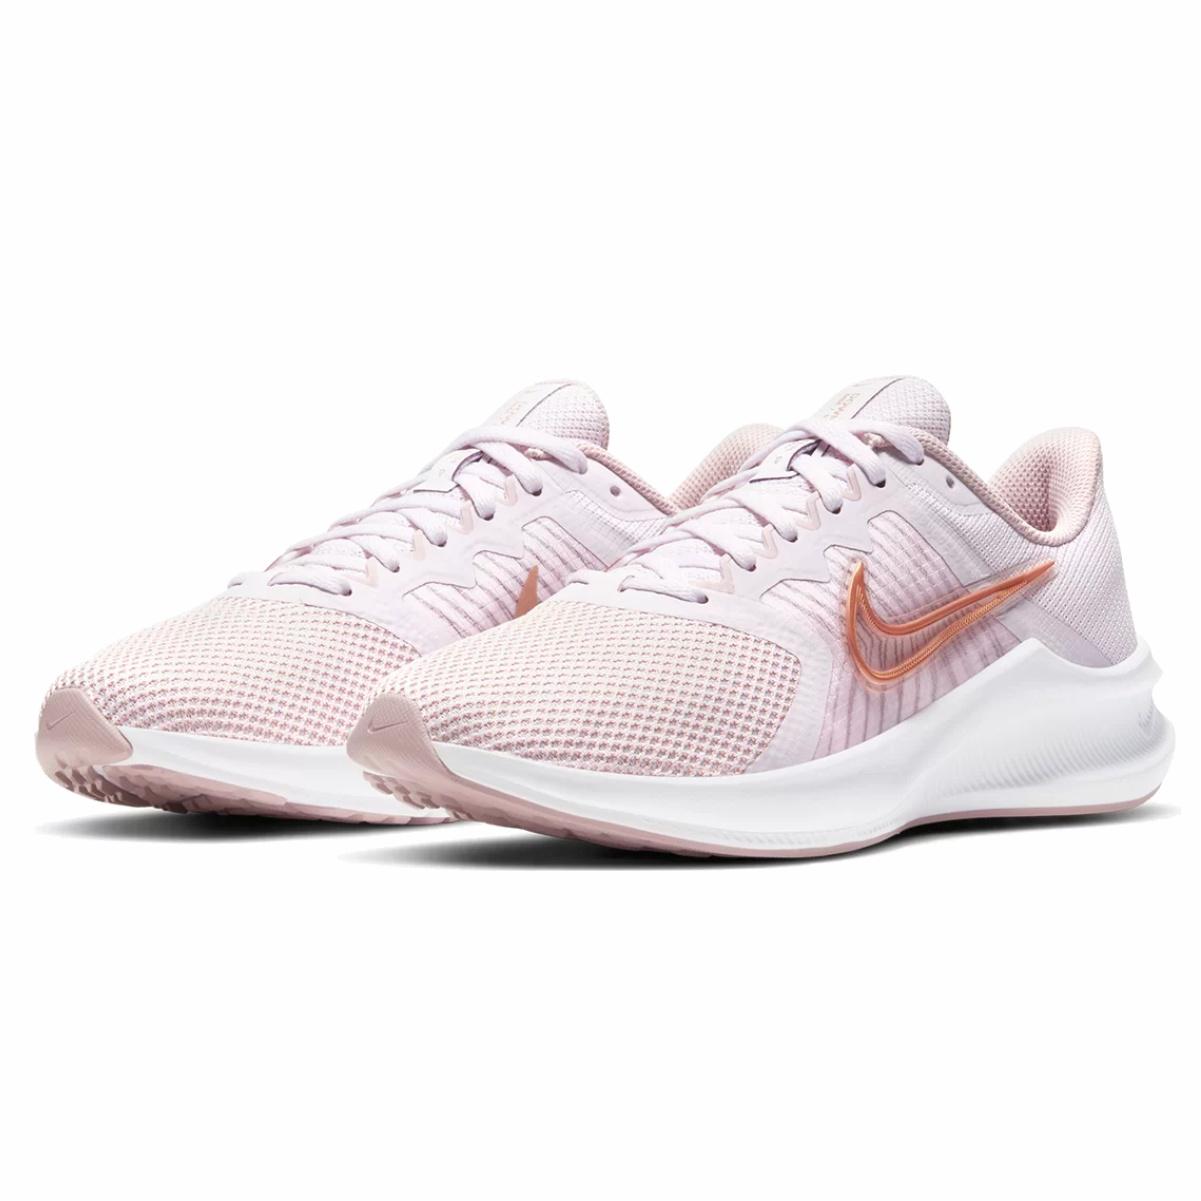 Tenis Nike Downshifter 11 Feminino Running Training